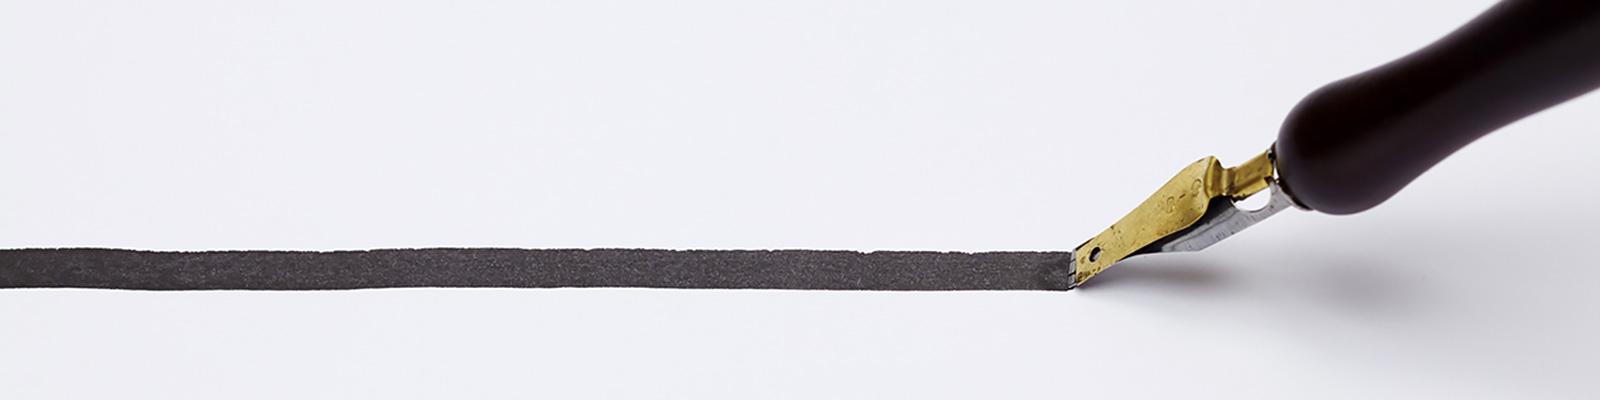 線 イメージ